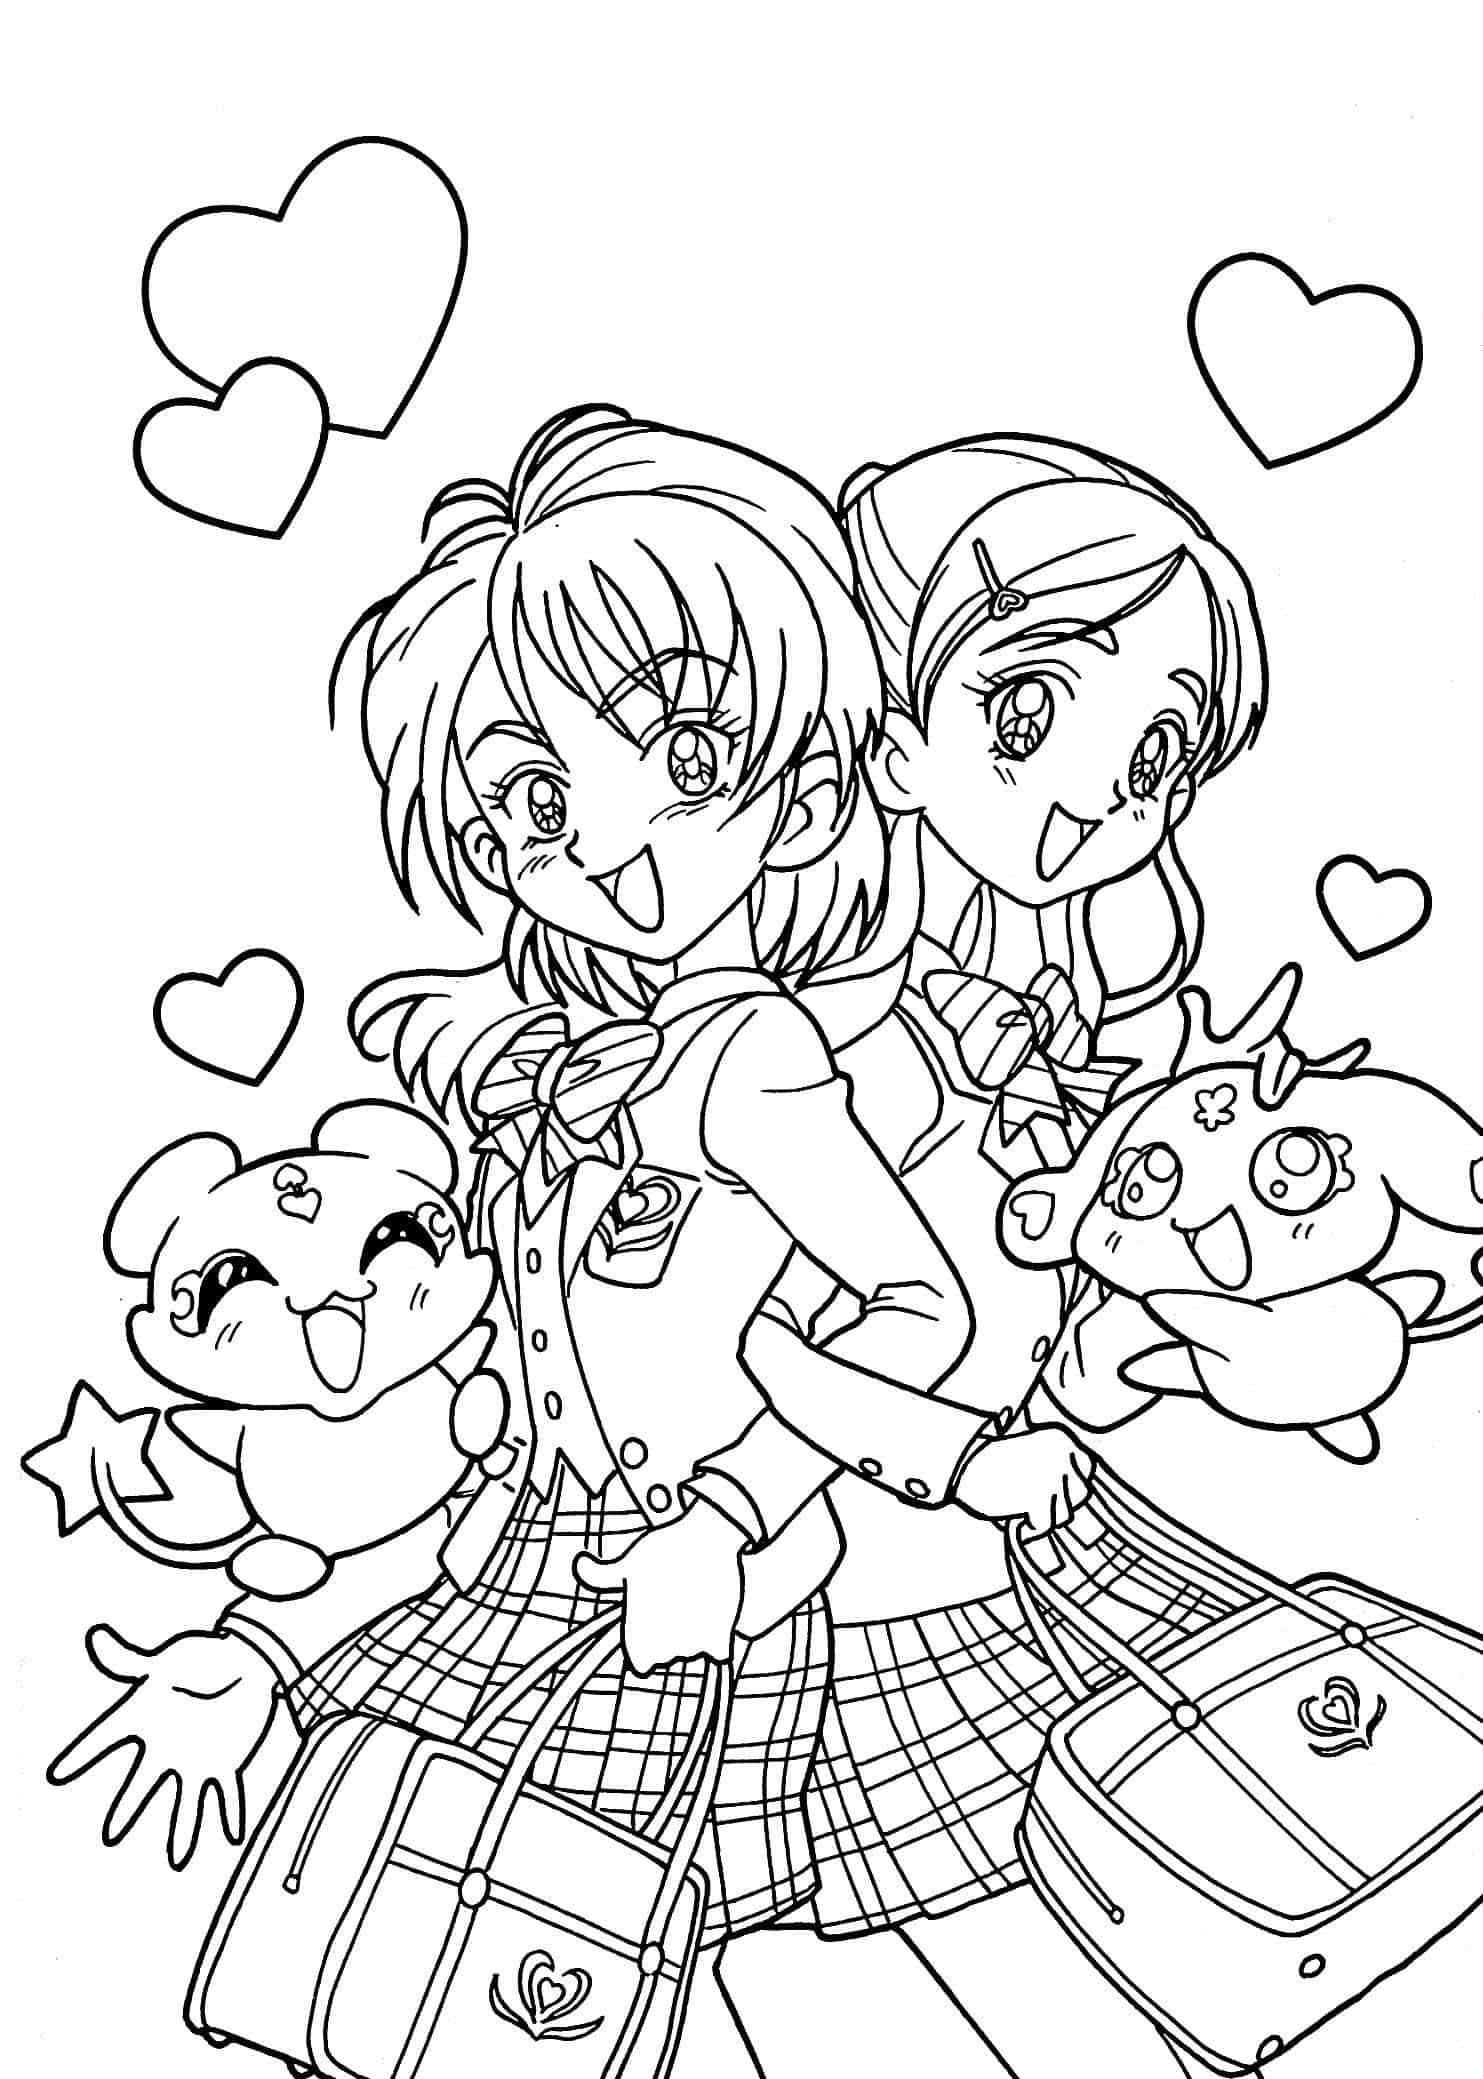 Tranh tô màu Anime tuyệt đẹp dành cho bé